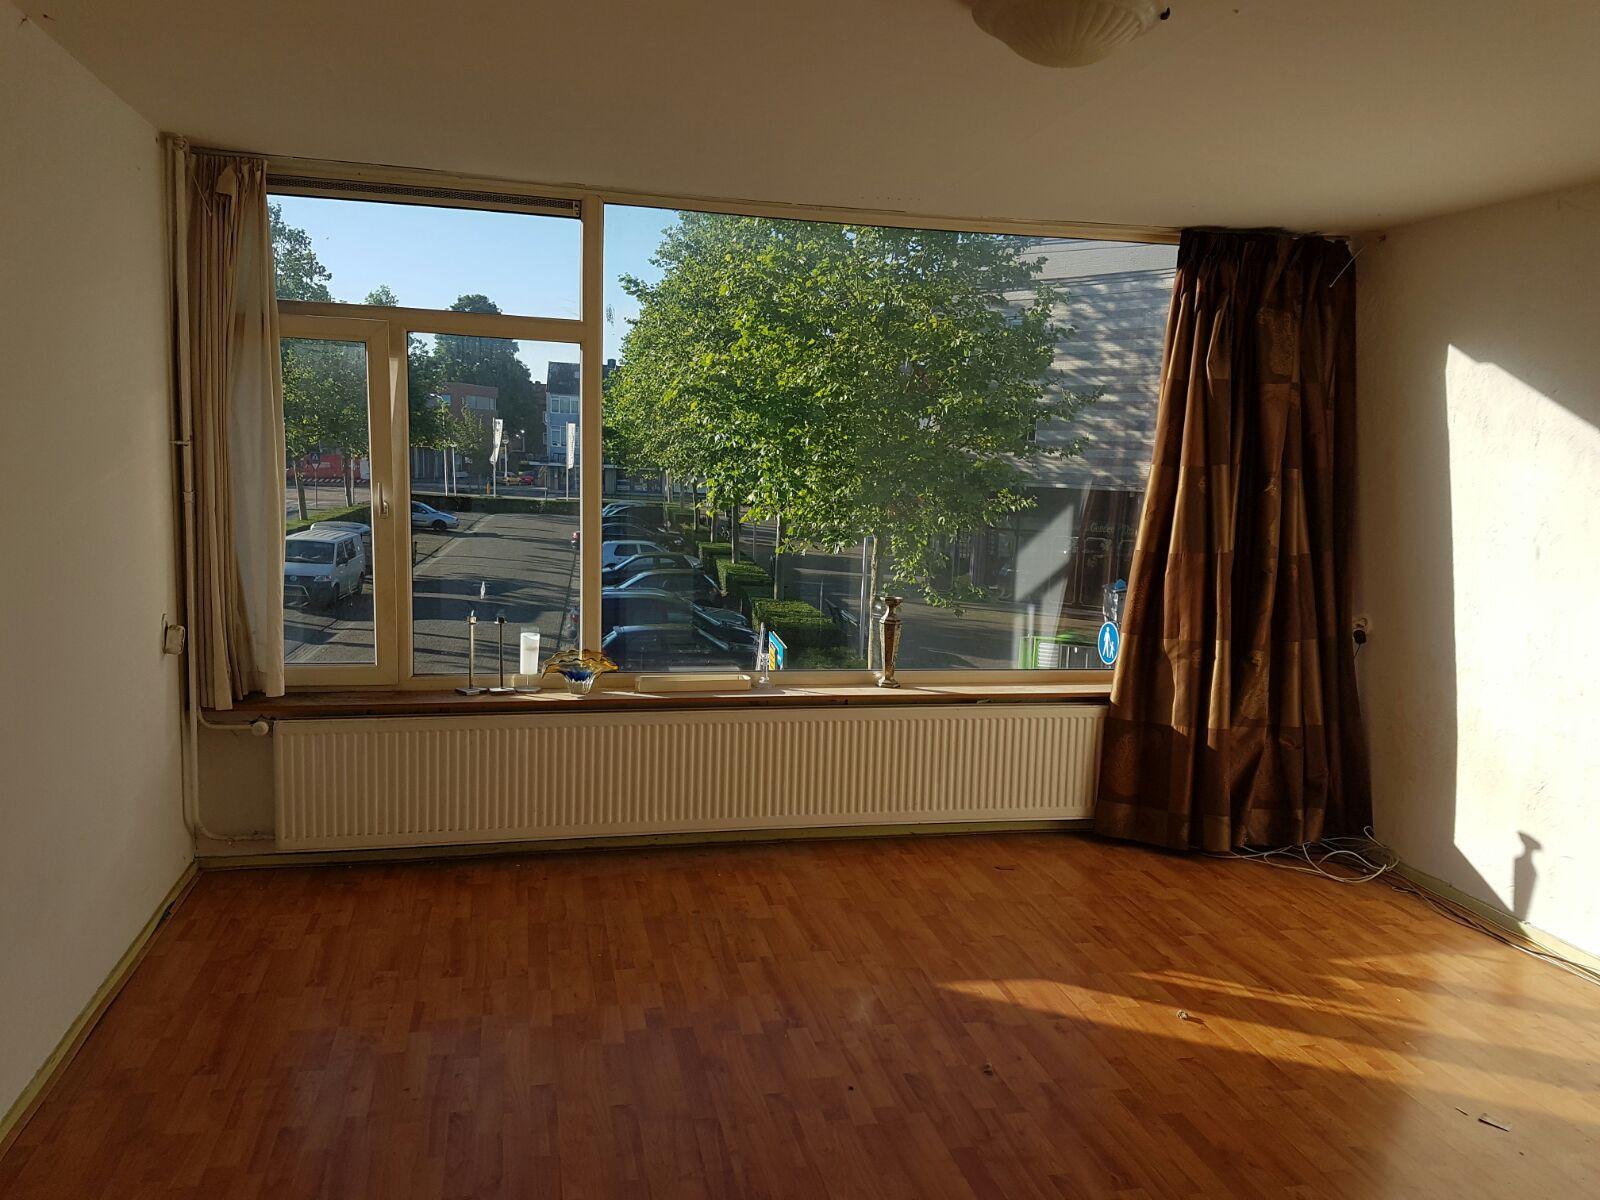 Bekijk de details van deze kamer in Amersfoort